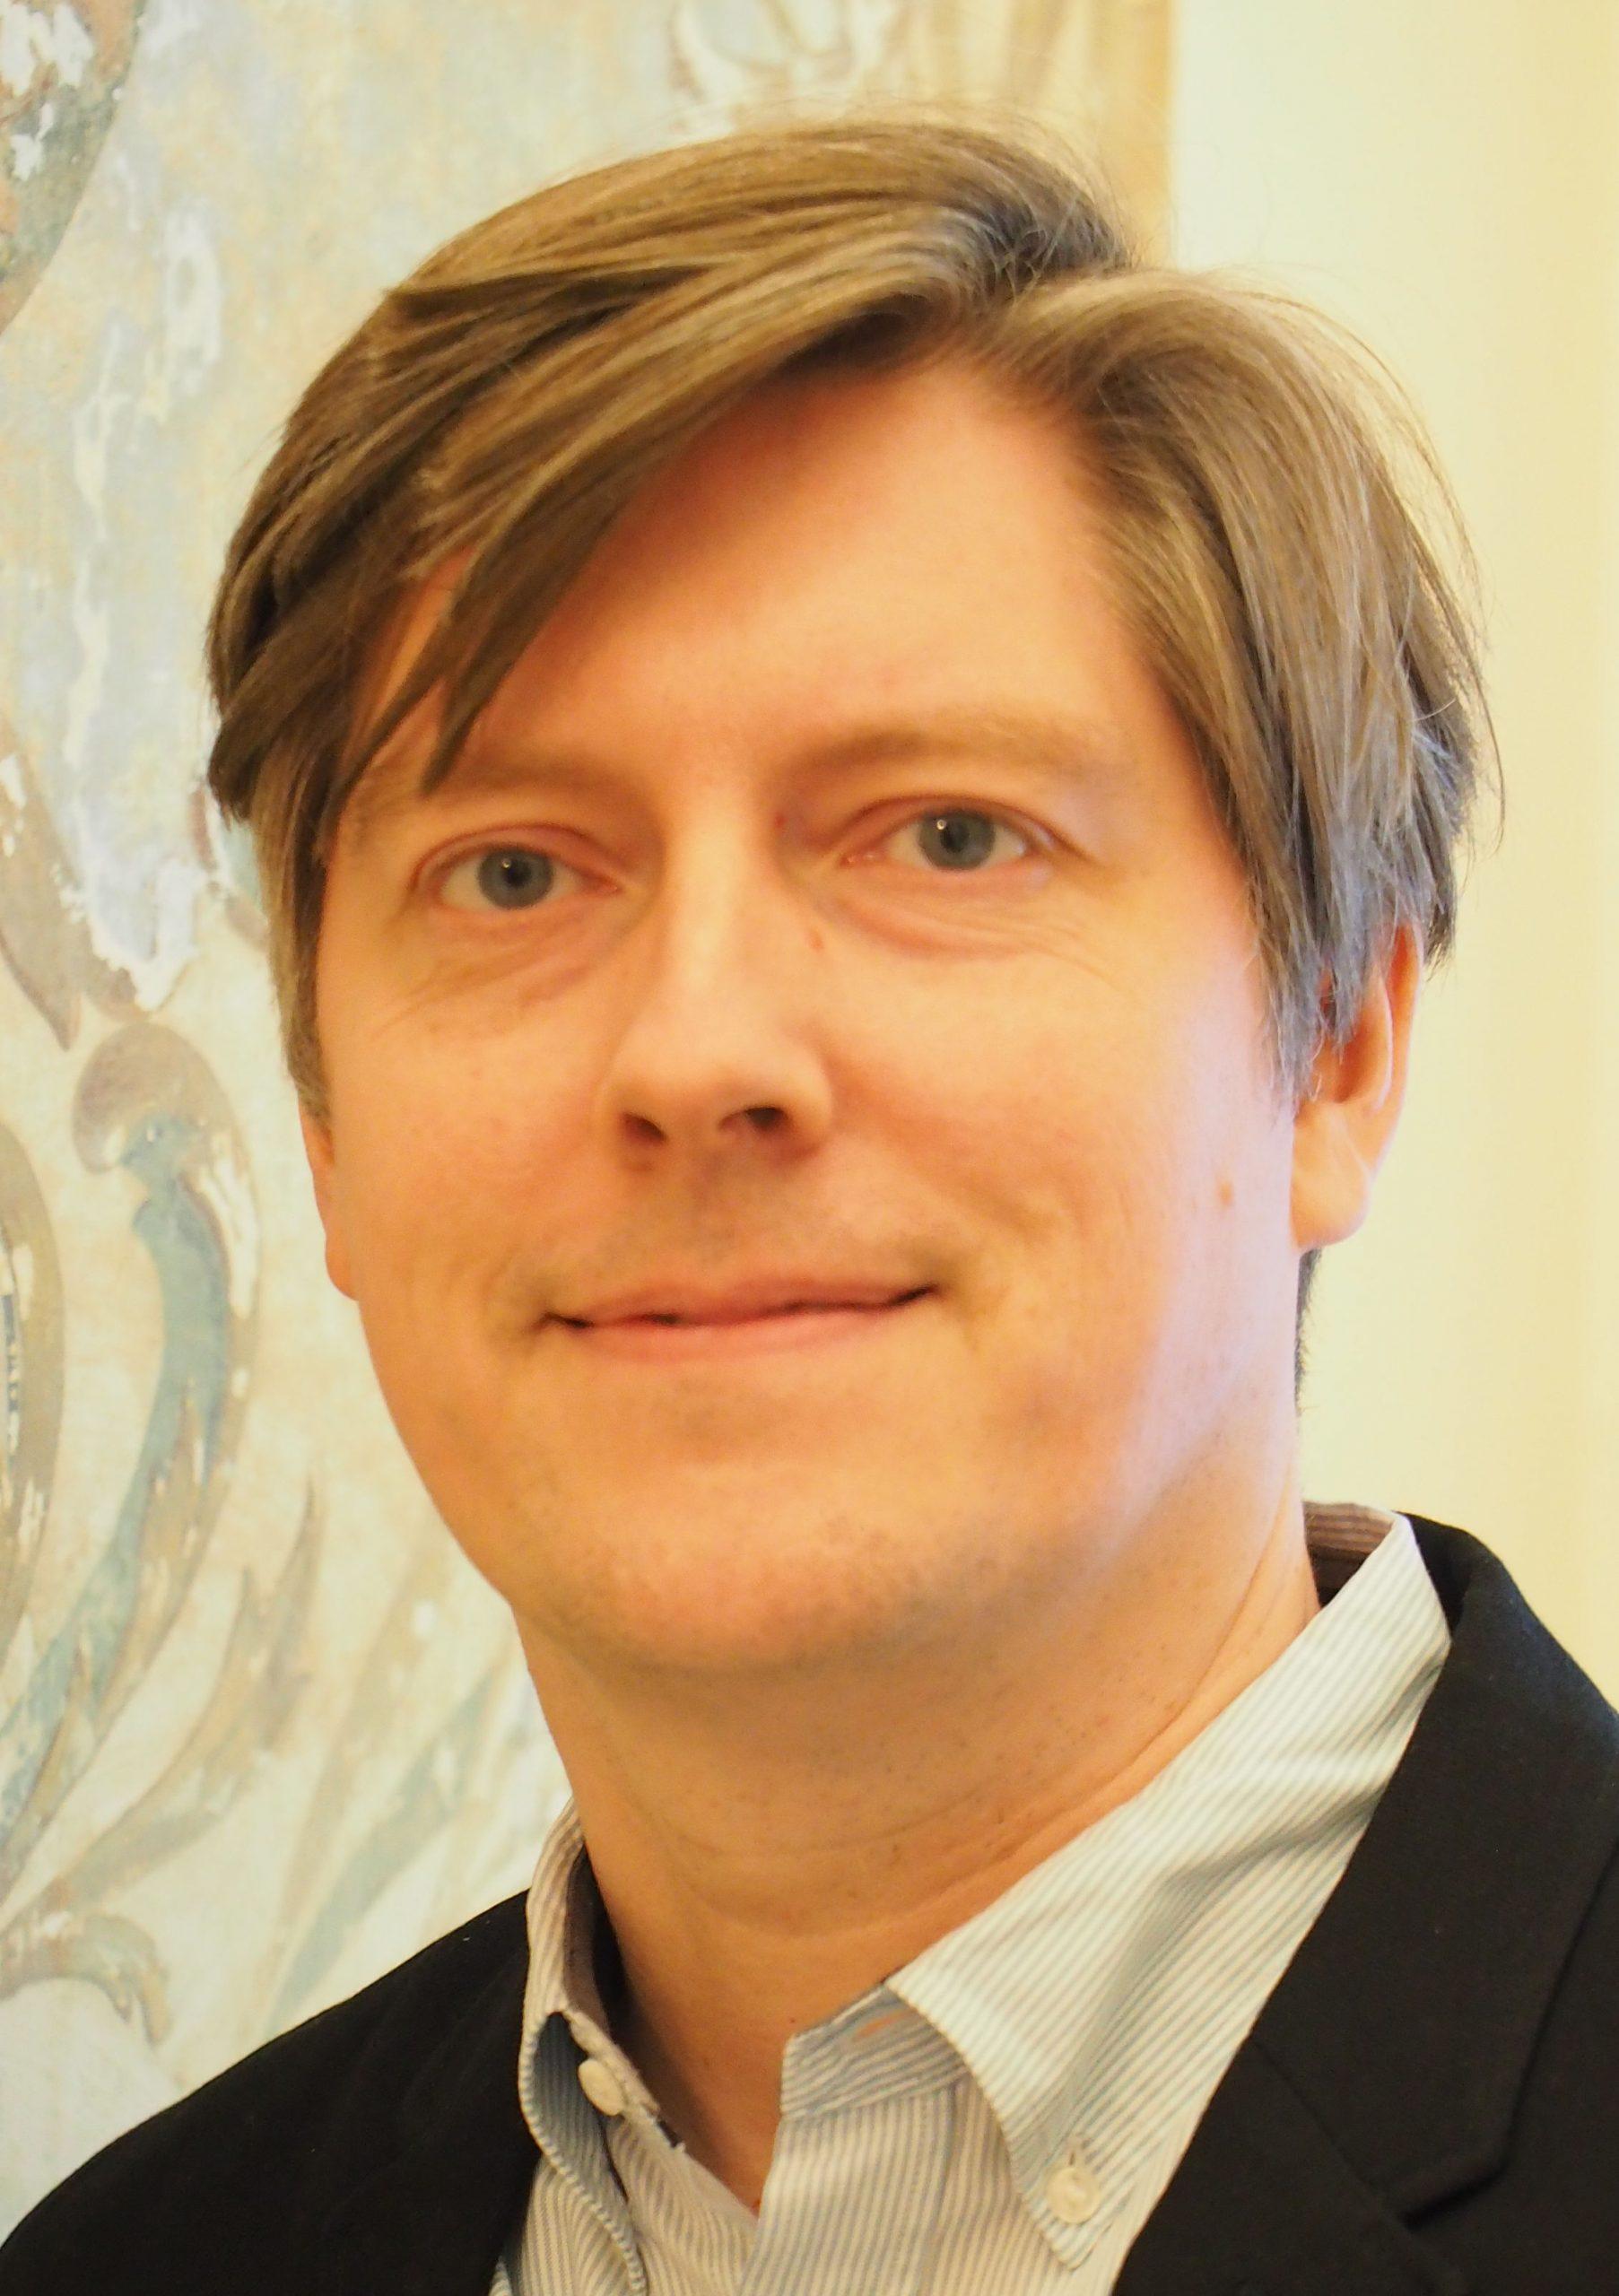 Maximilian Böhmer, Elanco Inc.